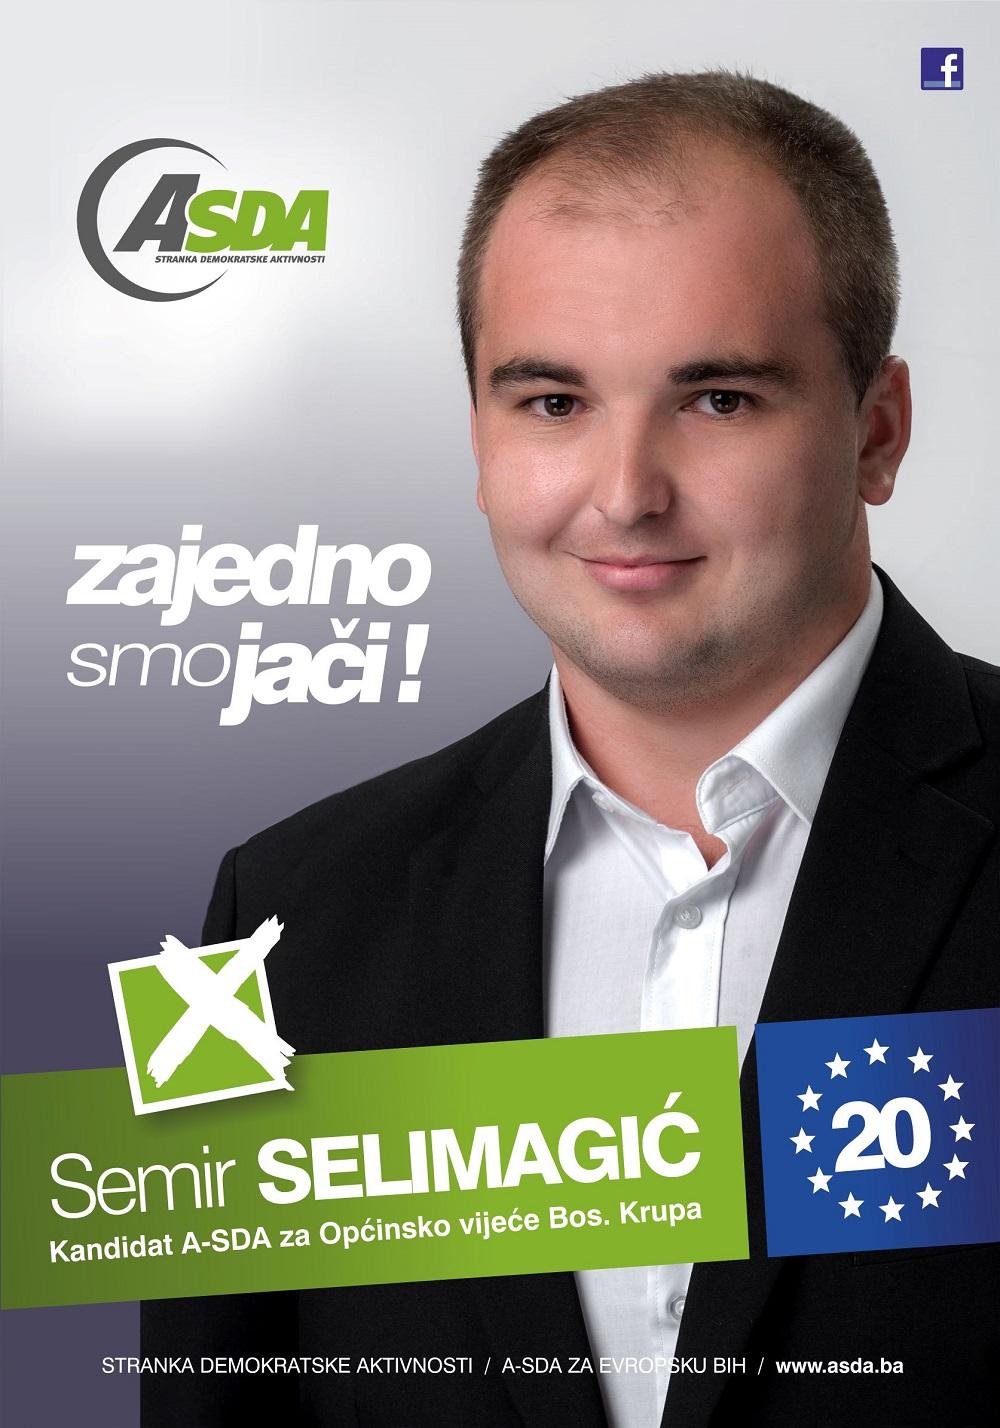 Semir Selimagić